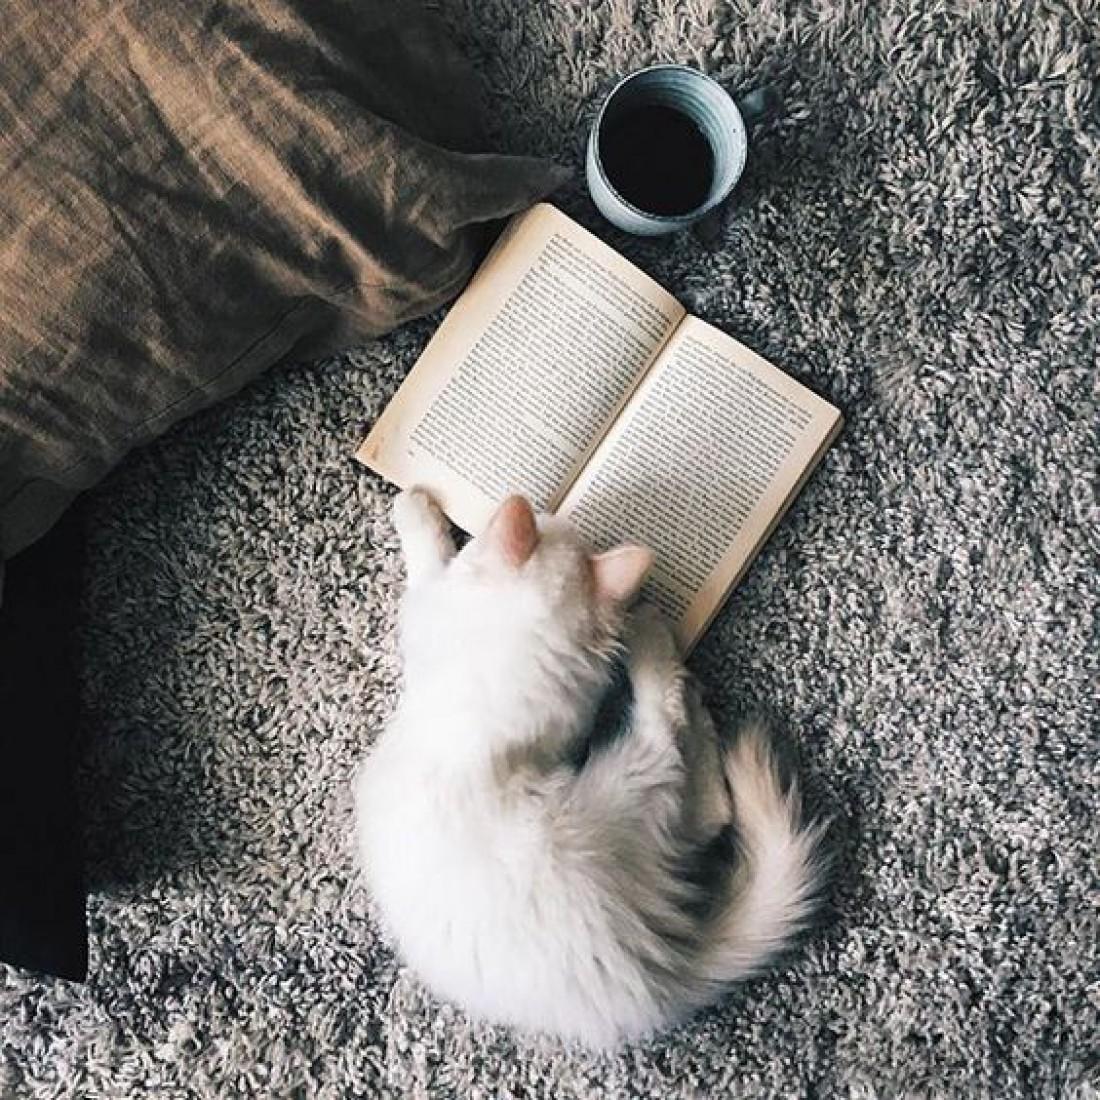 Преимущества книг